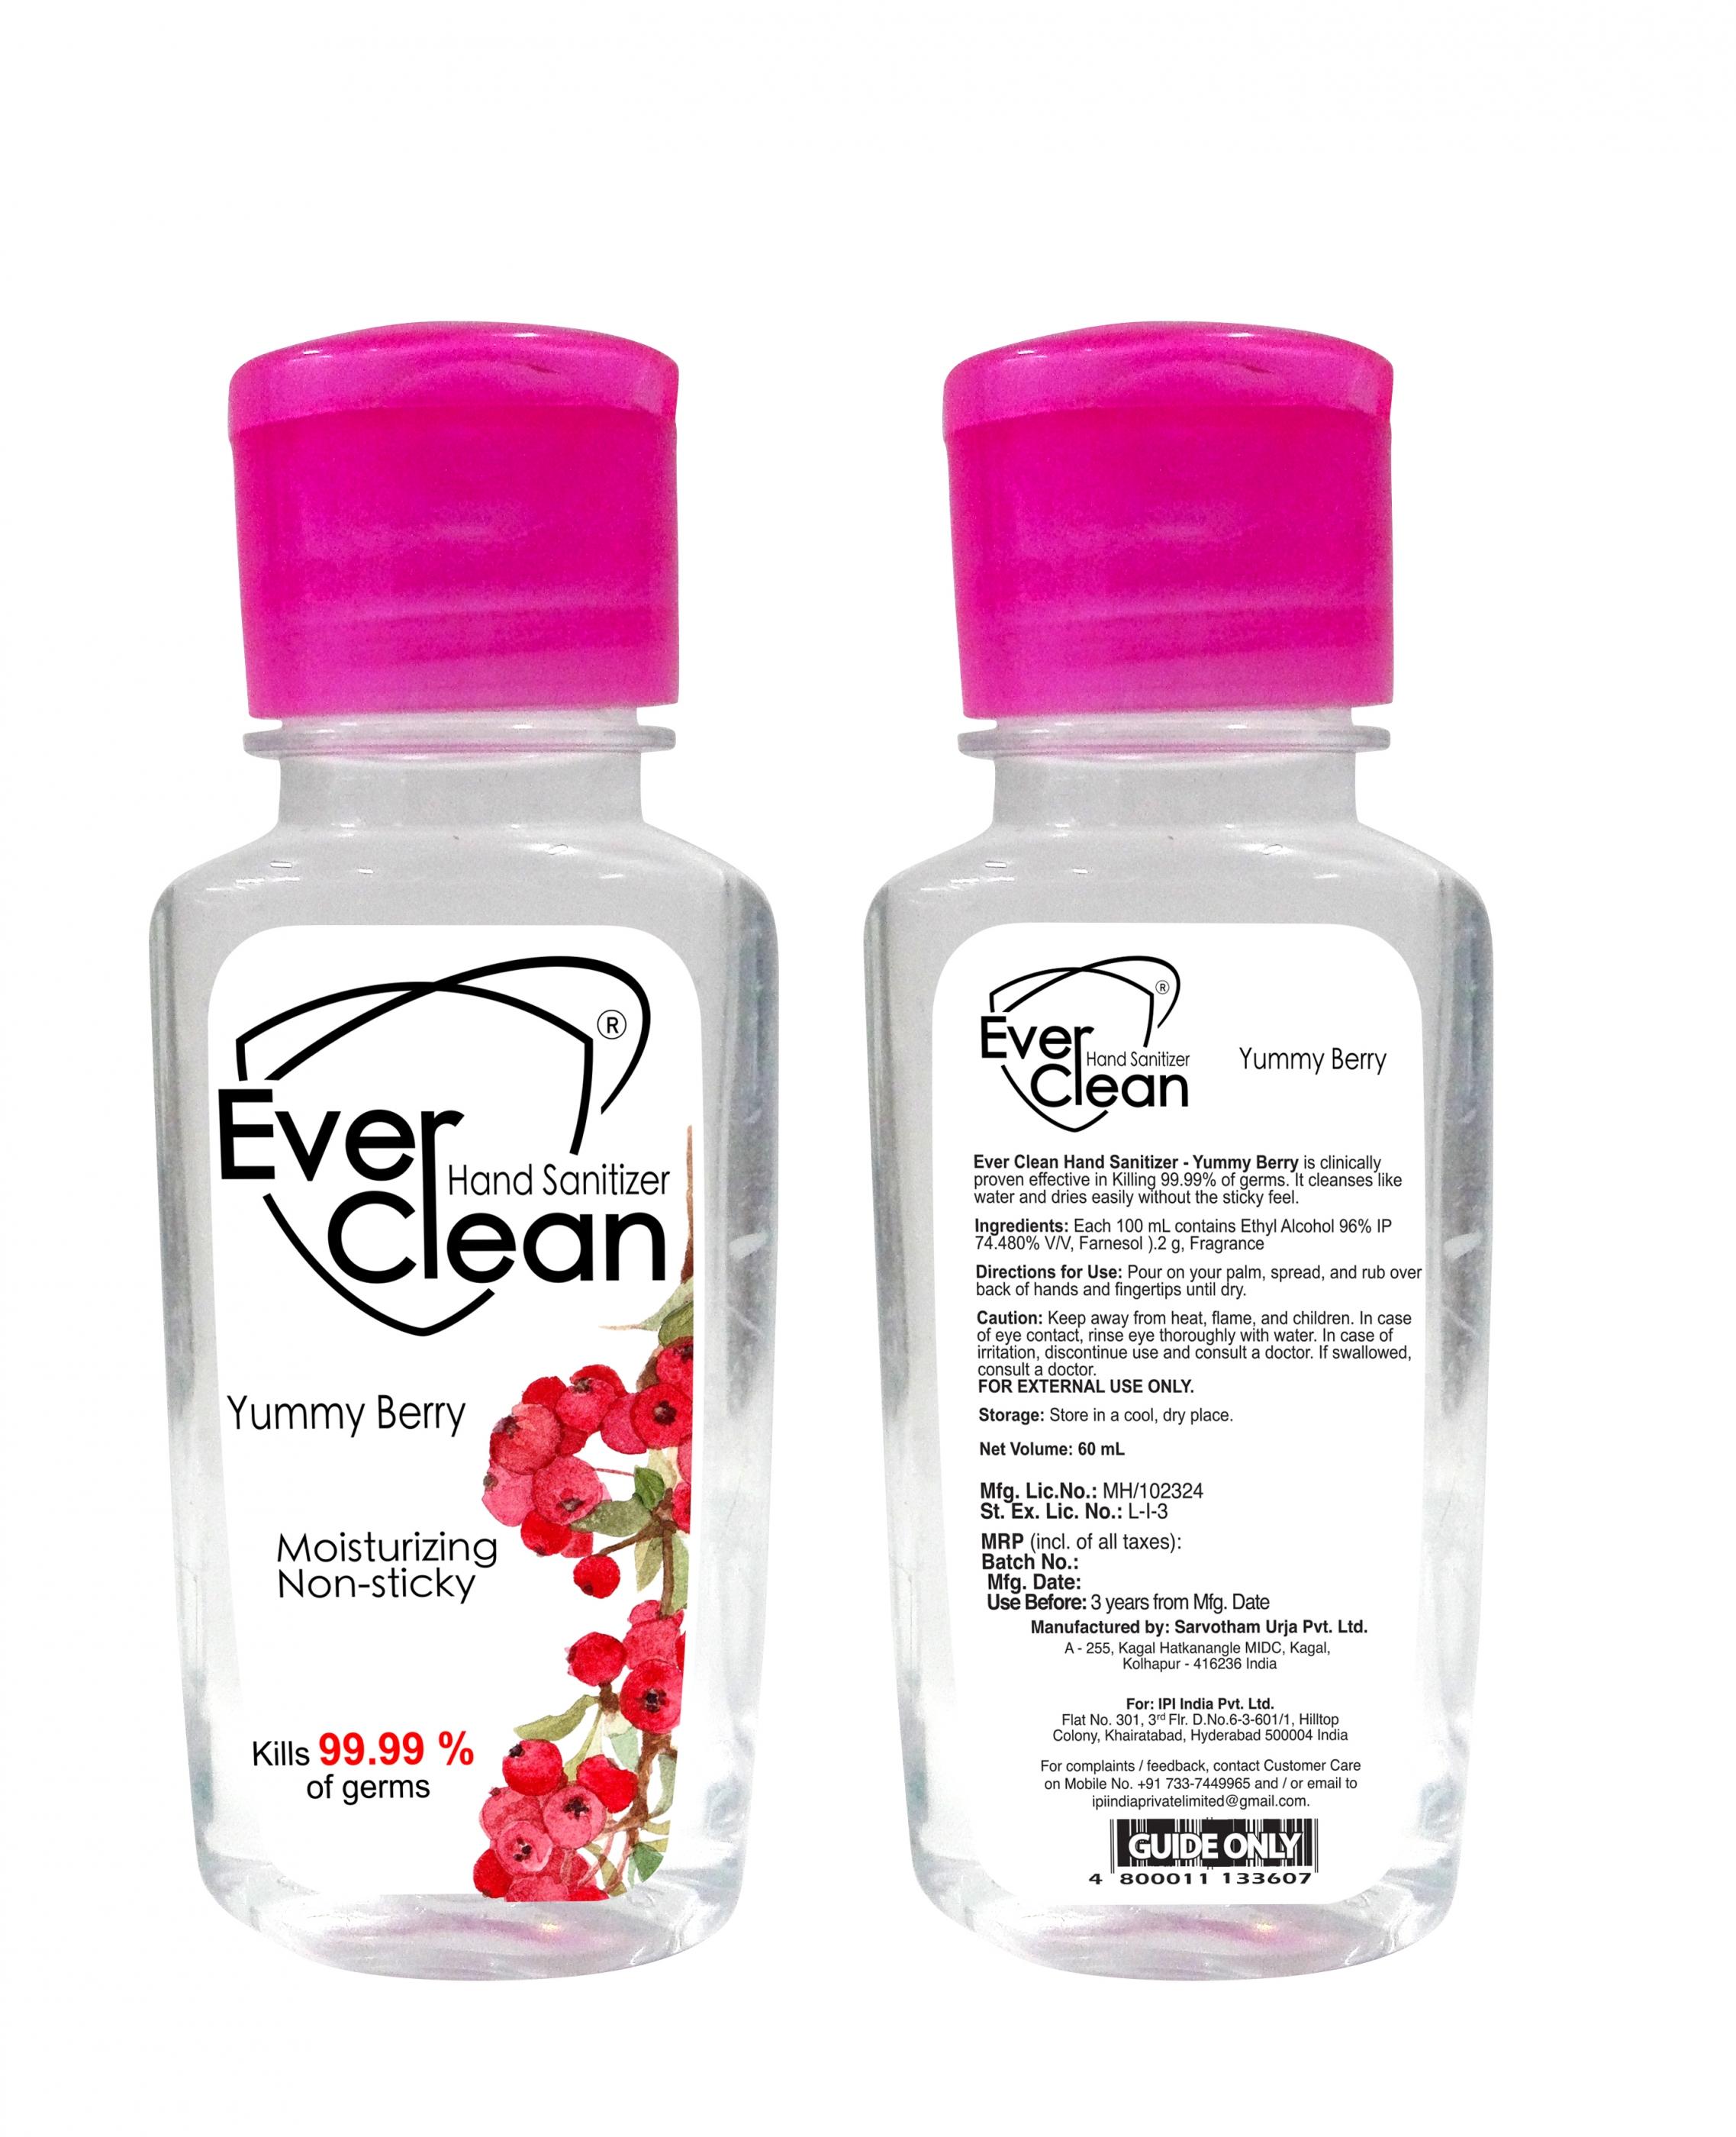 Pocket Pack Hand Sanitizer